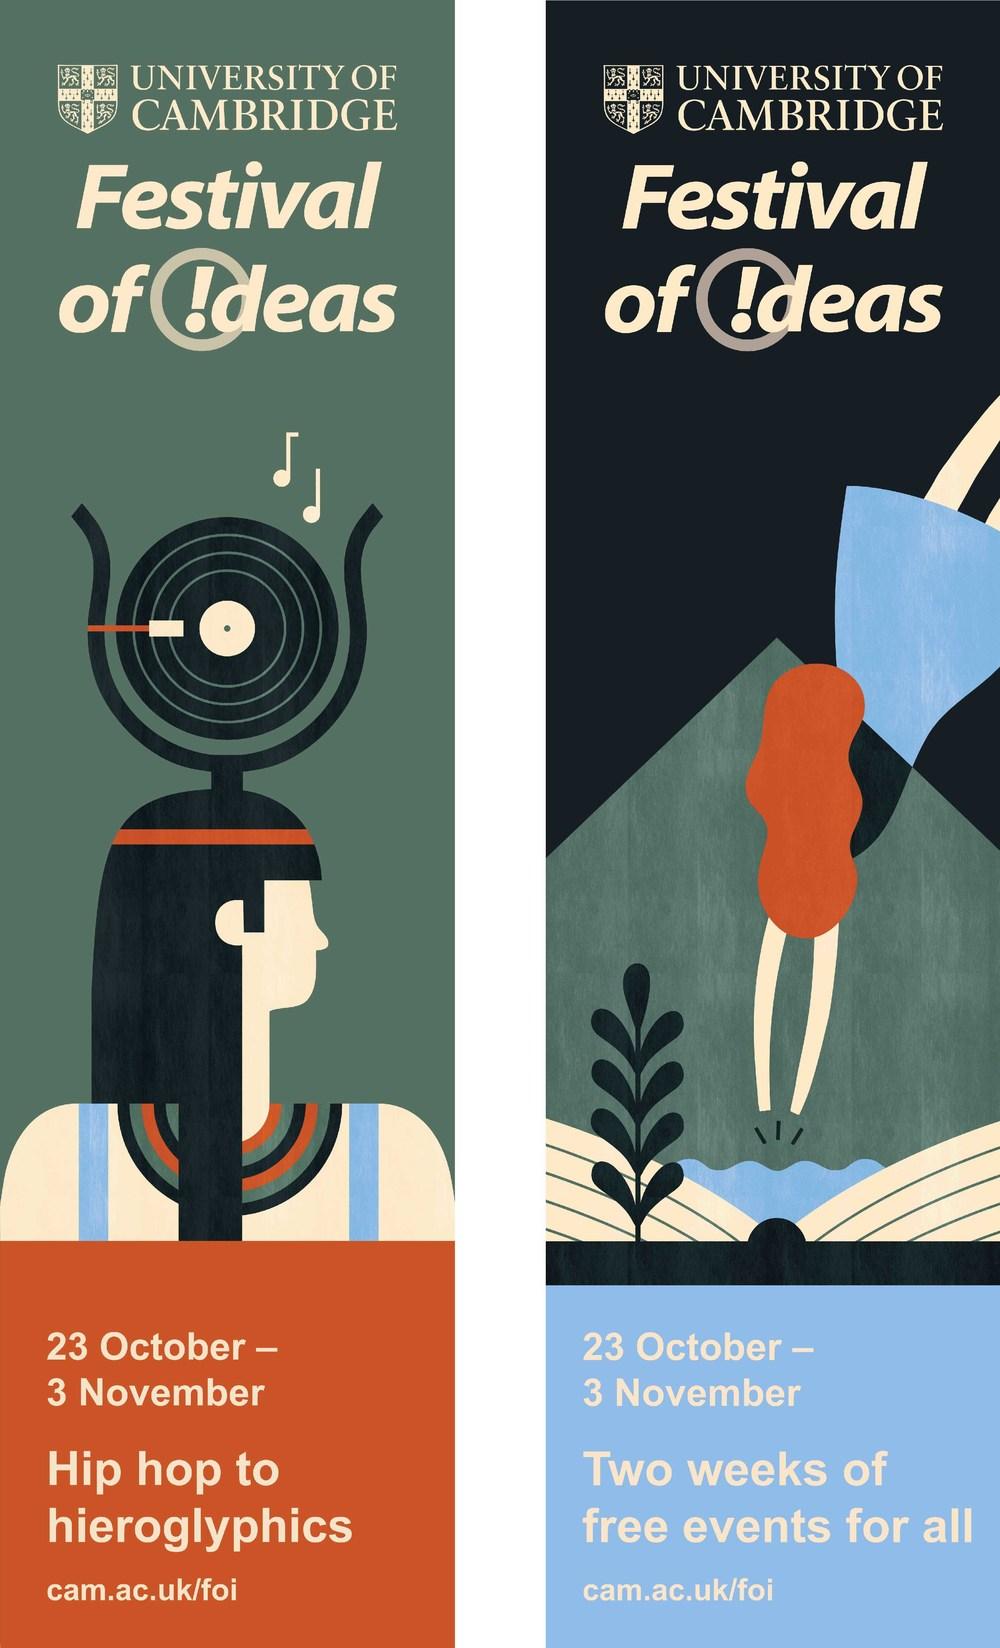 hannahalice-illustration-festivalofideas-abstract-cambridgeuniversity-hieroglyphics-banner.jpg